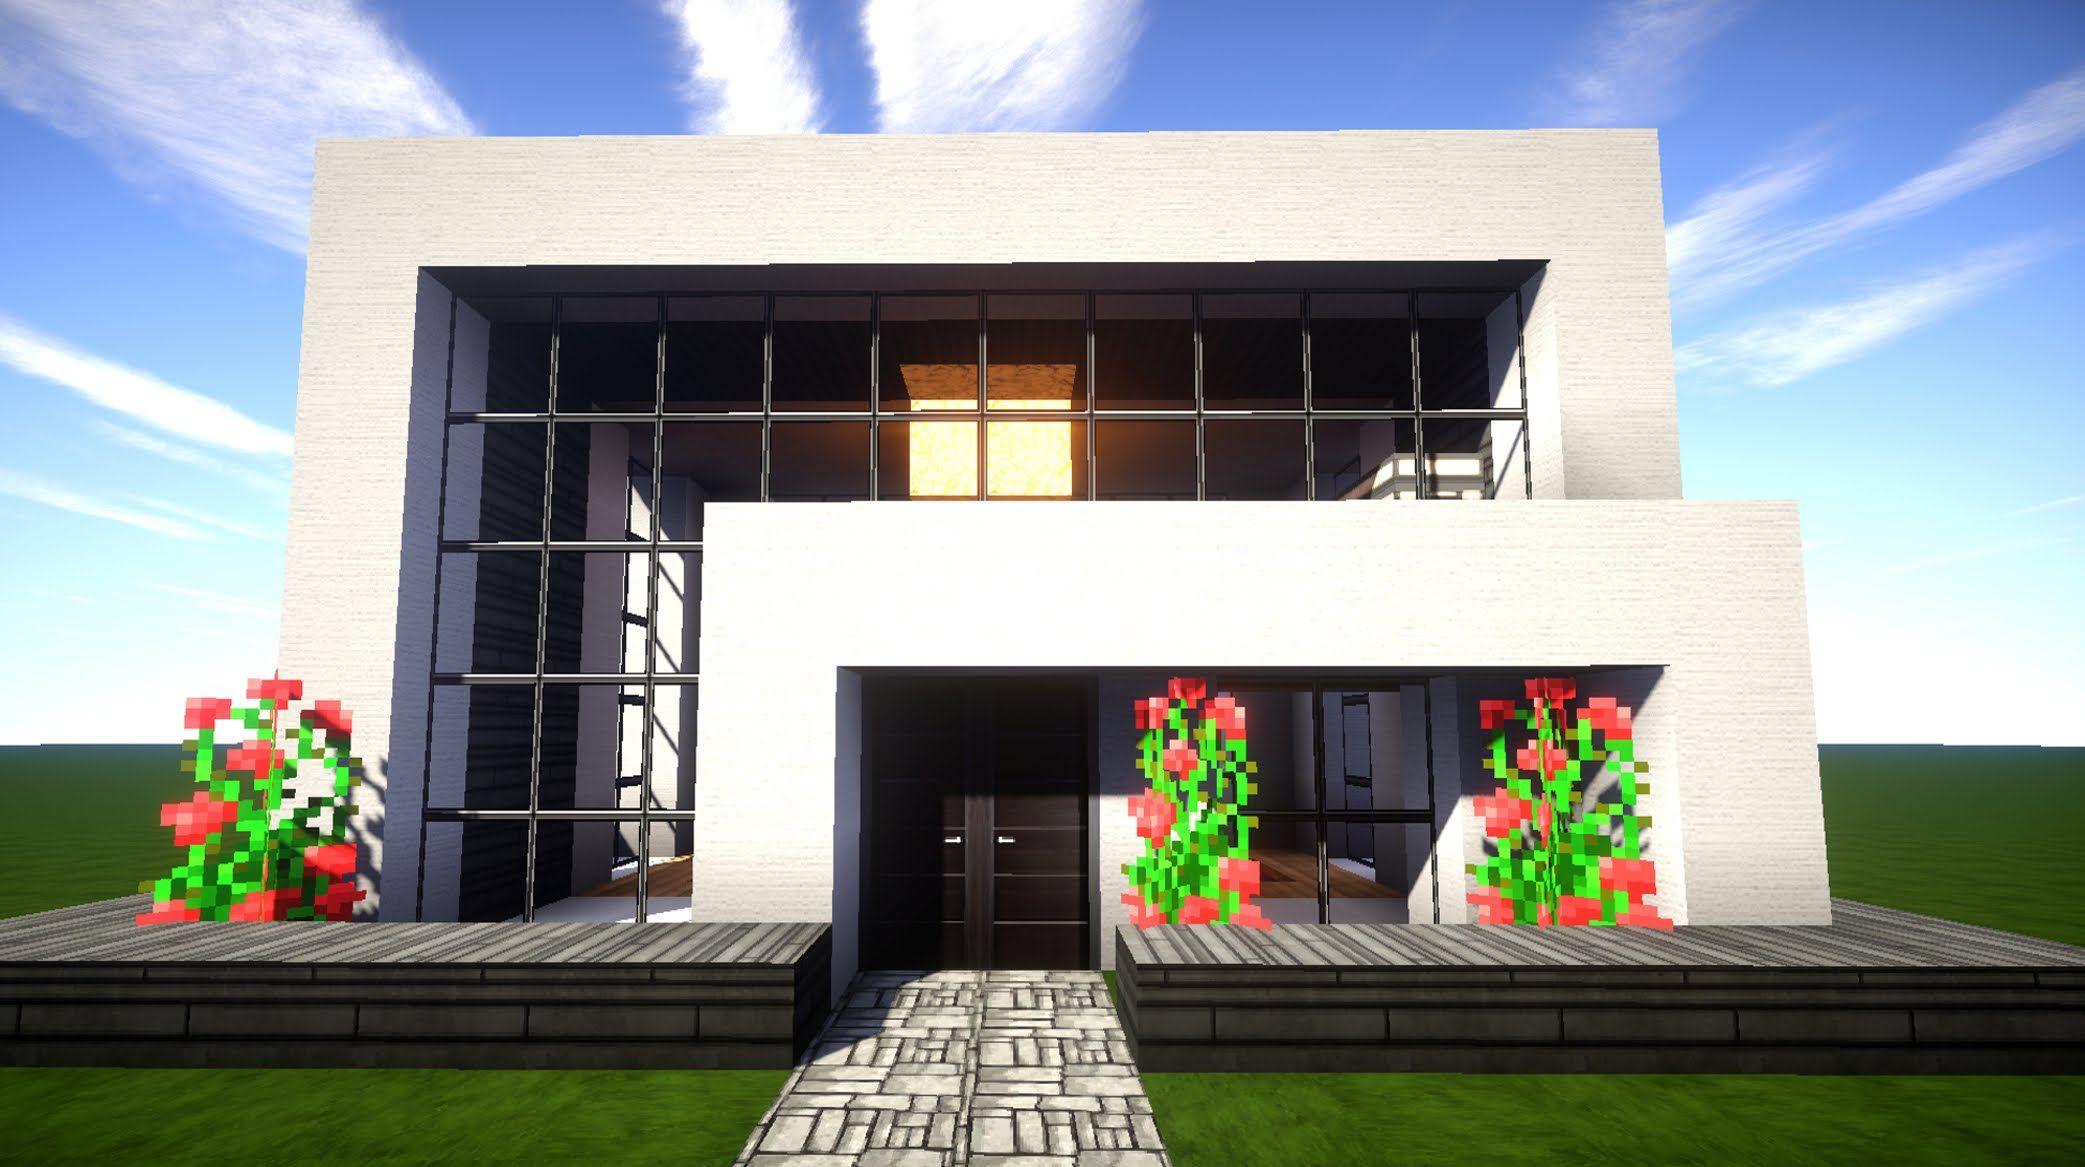 Minecraft Modernes Haus Bauen Anleitung Ideen Für Jugendzimmer Mit - Minecraft hauser bauen tutorial